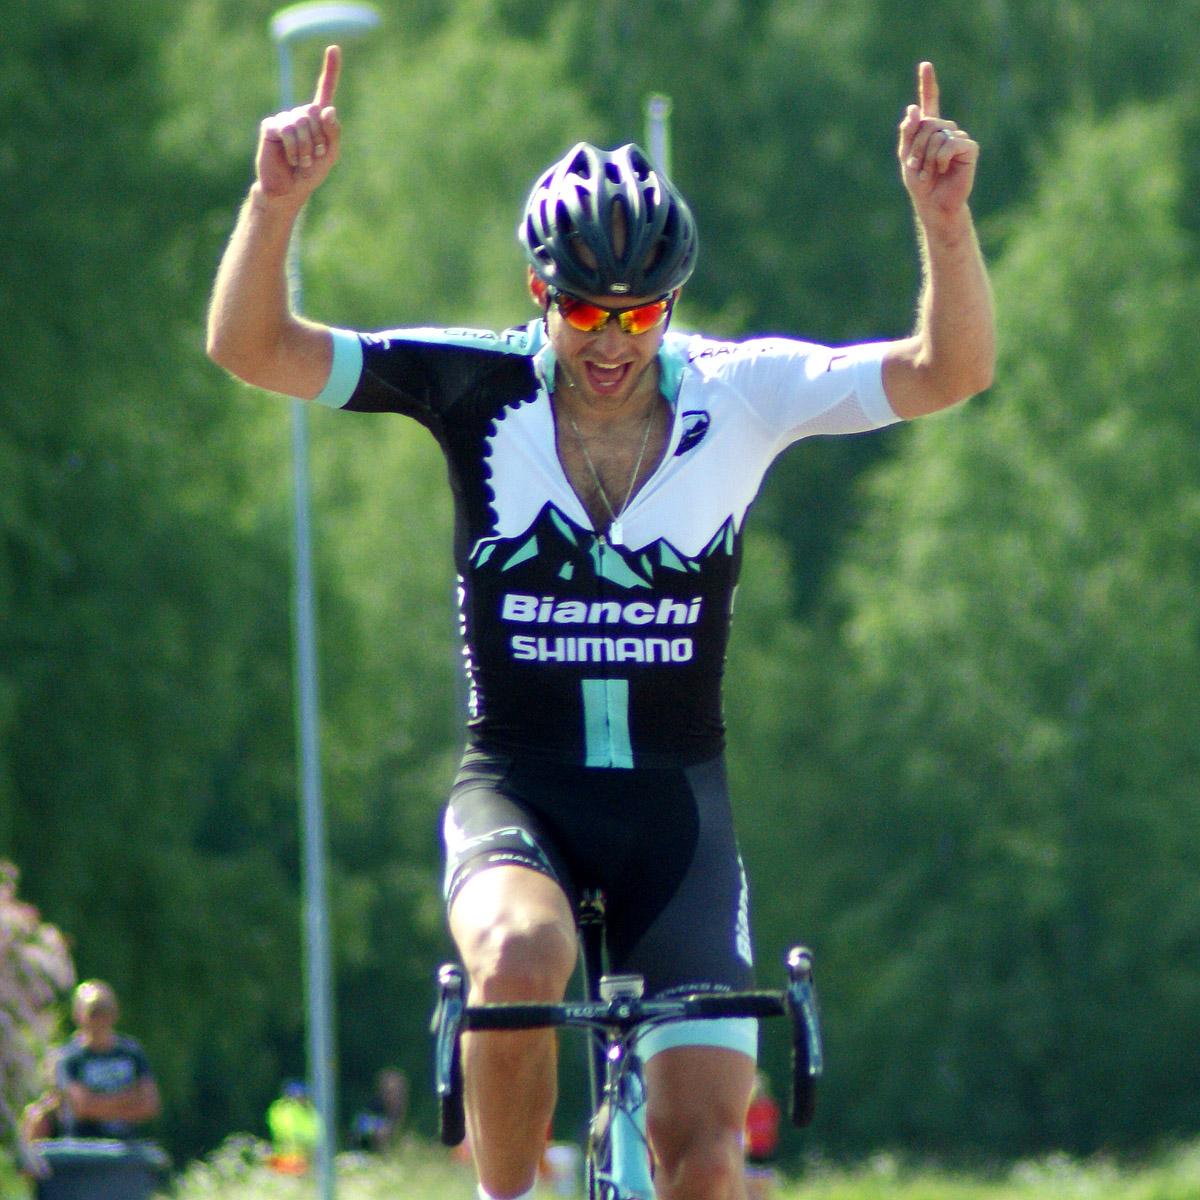 Alex Gingsjö sträcker händerna i luften för att fira sin seger och sitt SM-guld -